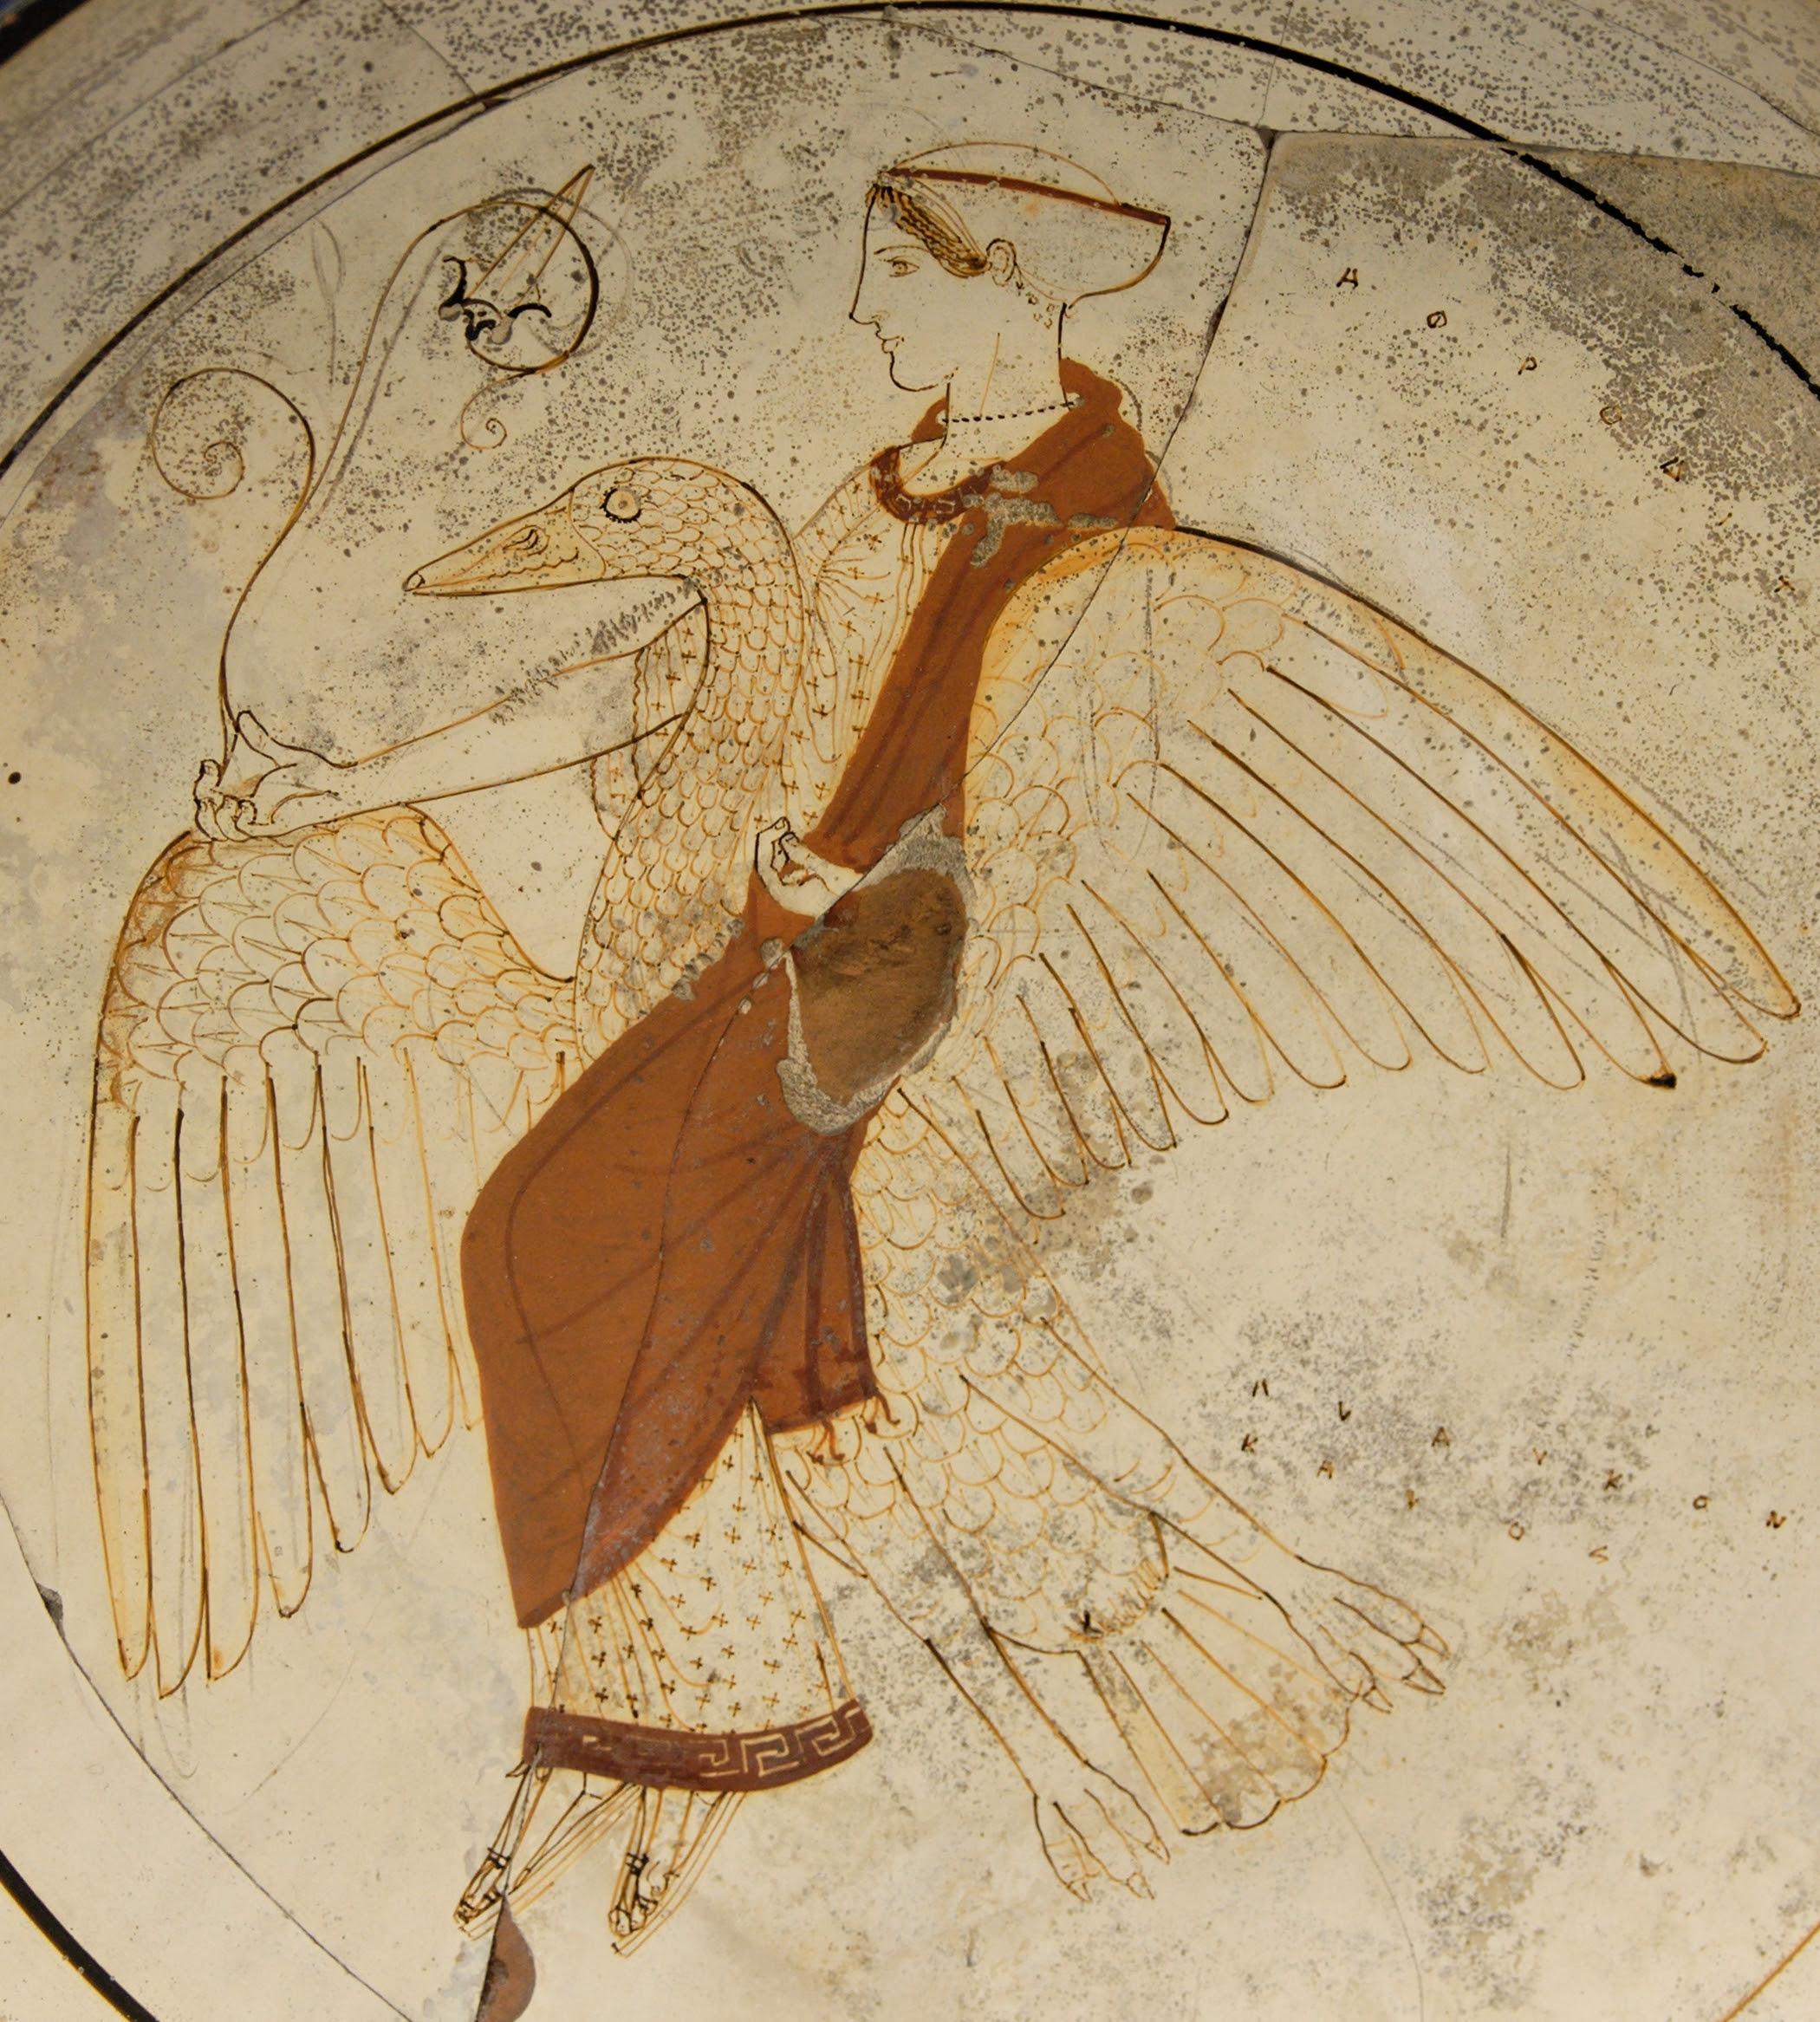 http://upload.wikimedia.org/wikipedia/commons/0/0d/Aphrodite_swan_BM_D2.jpg